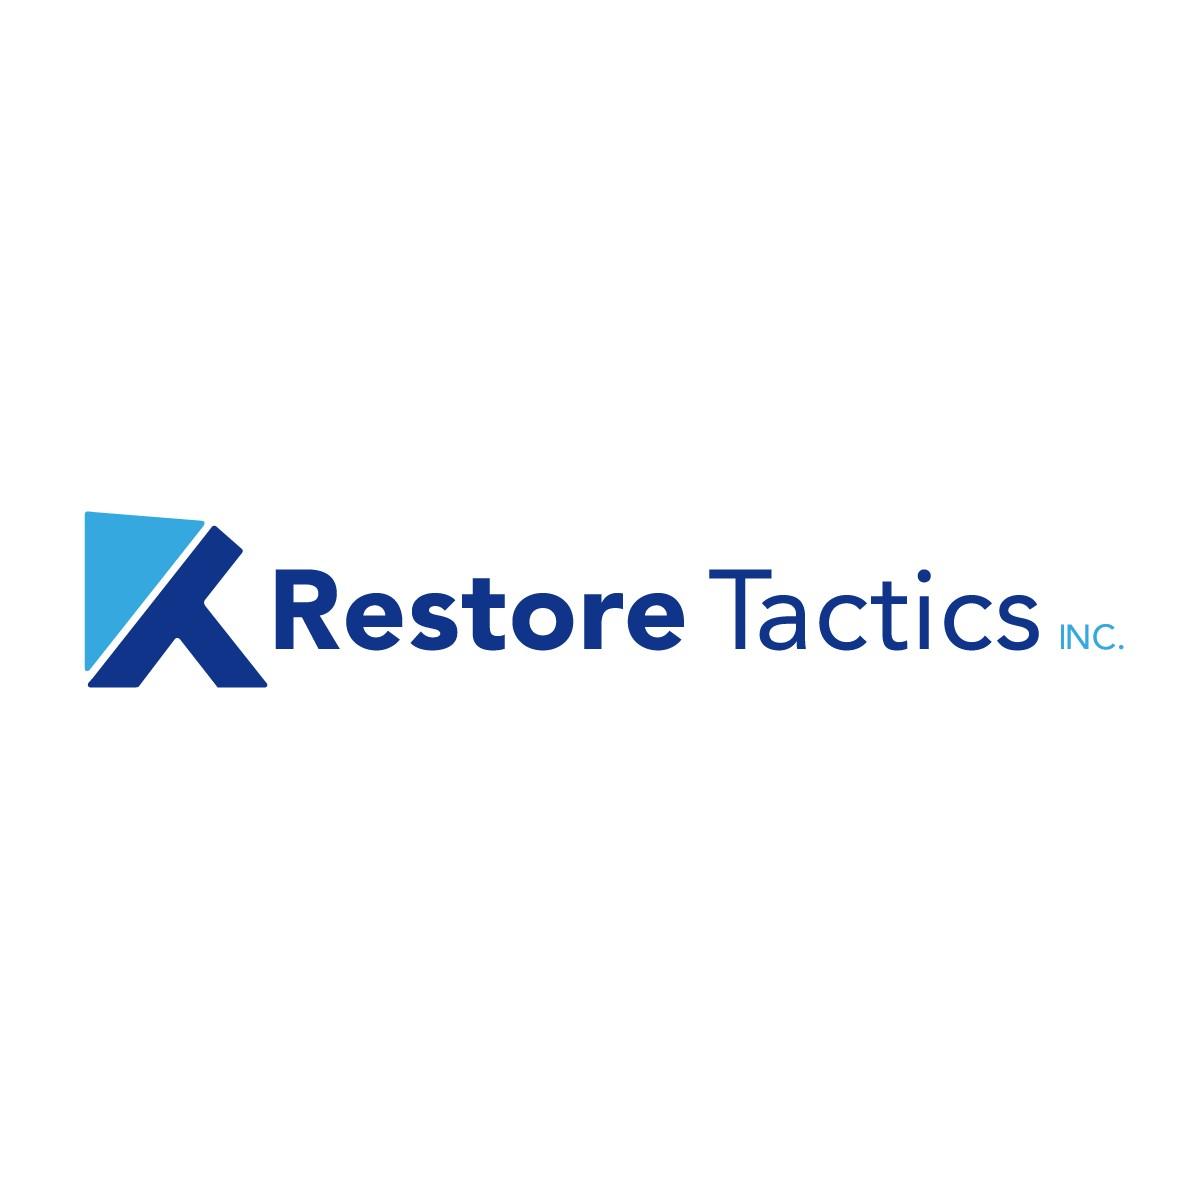 Restore Tactics, Inc